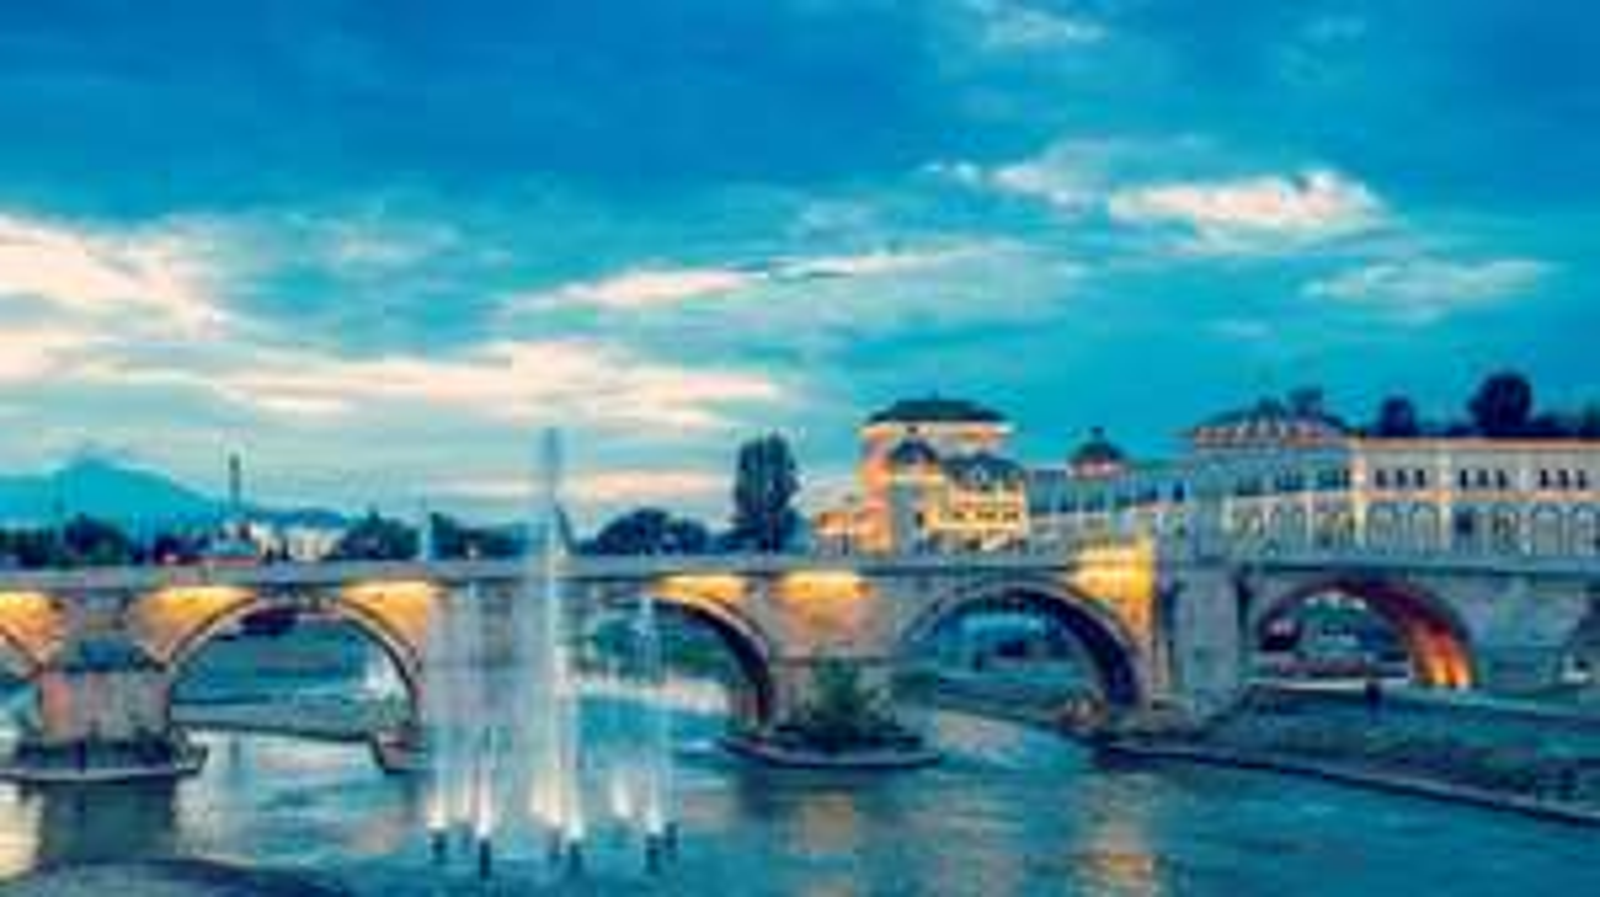 Flüge: Mazedonien ( November 2018 - Februar 2019 ) Hin - und Rückflug von Nürnberg und Dortmund nach Skopje ab 28,98€